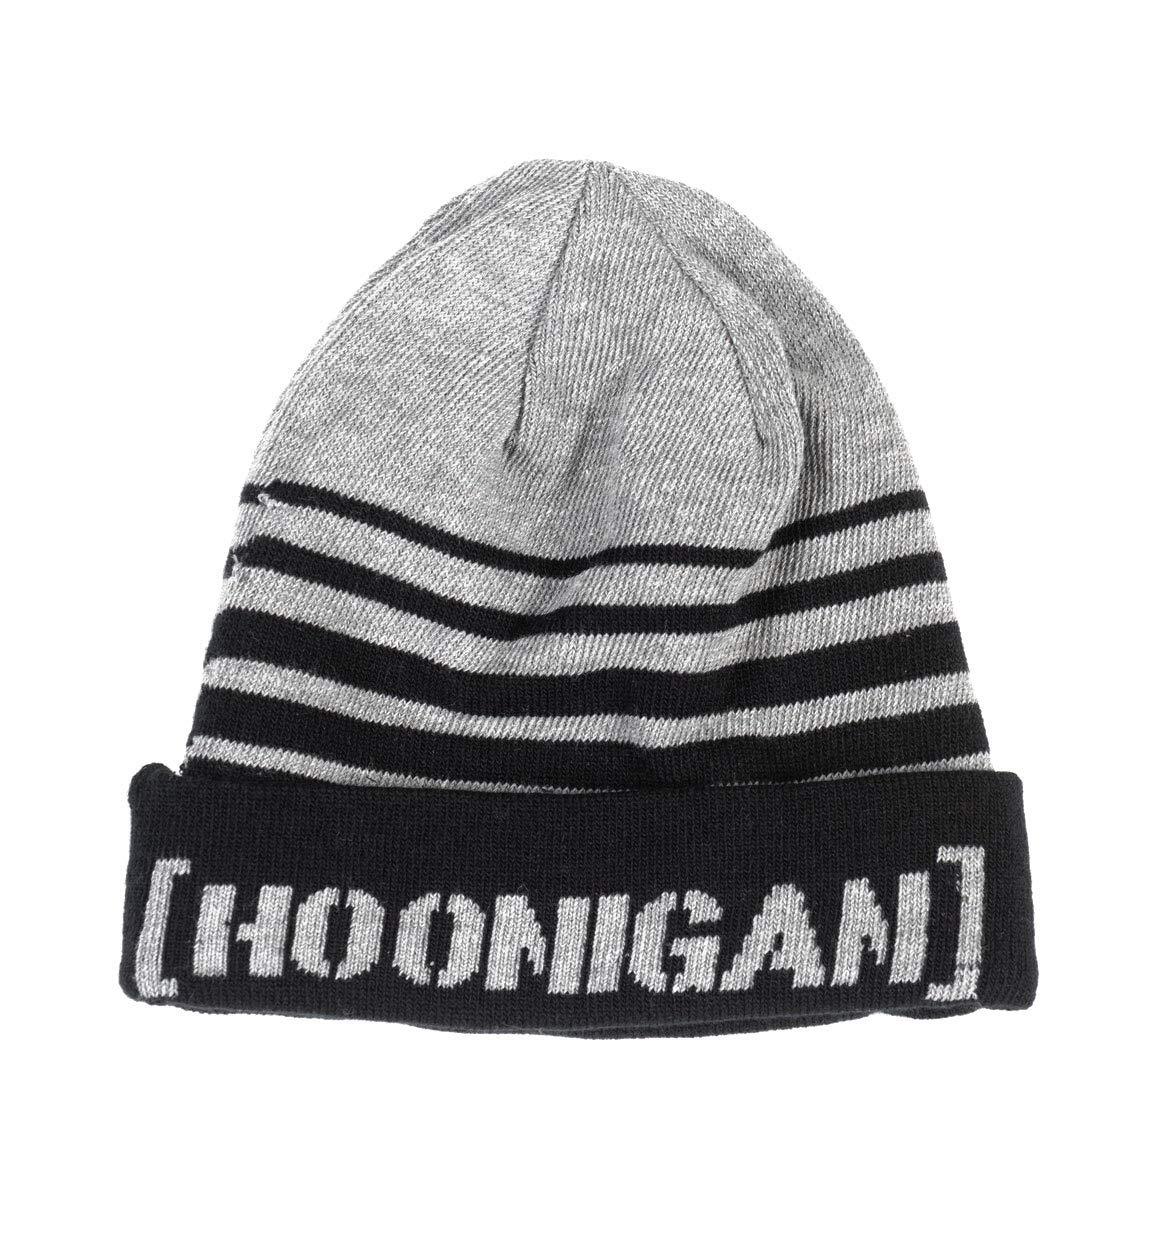 Hoonigan Horizon Reversible Beanie